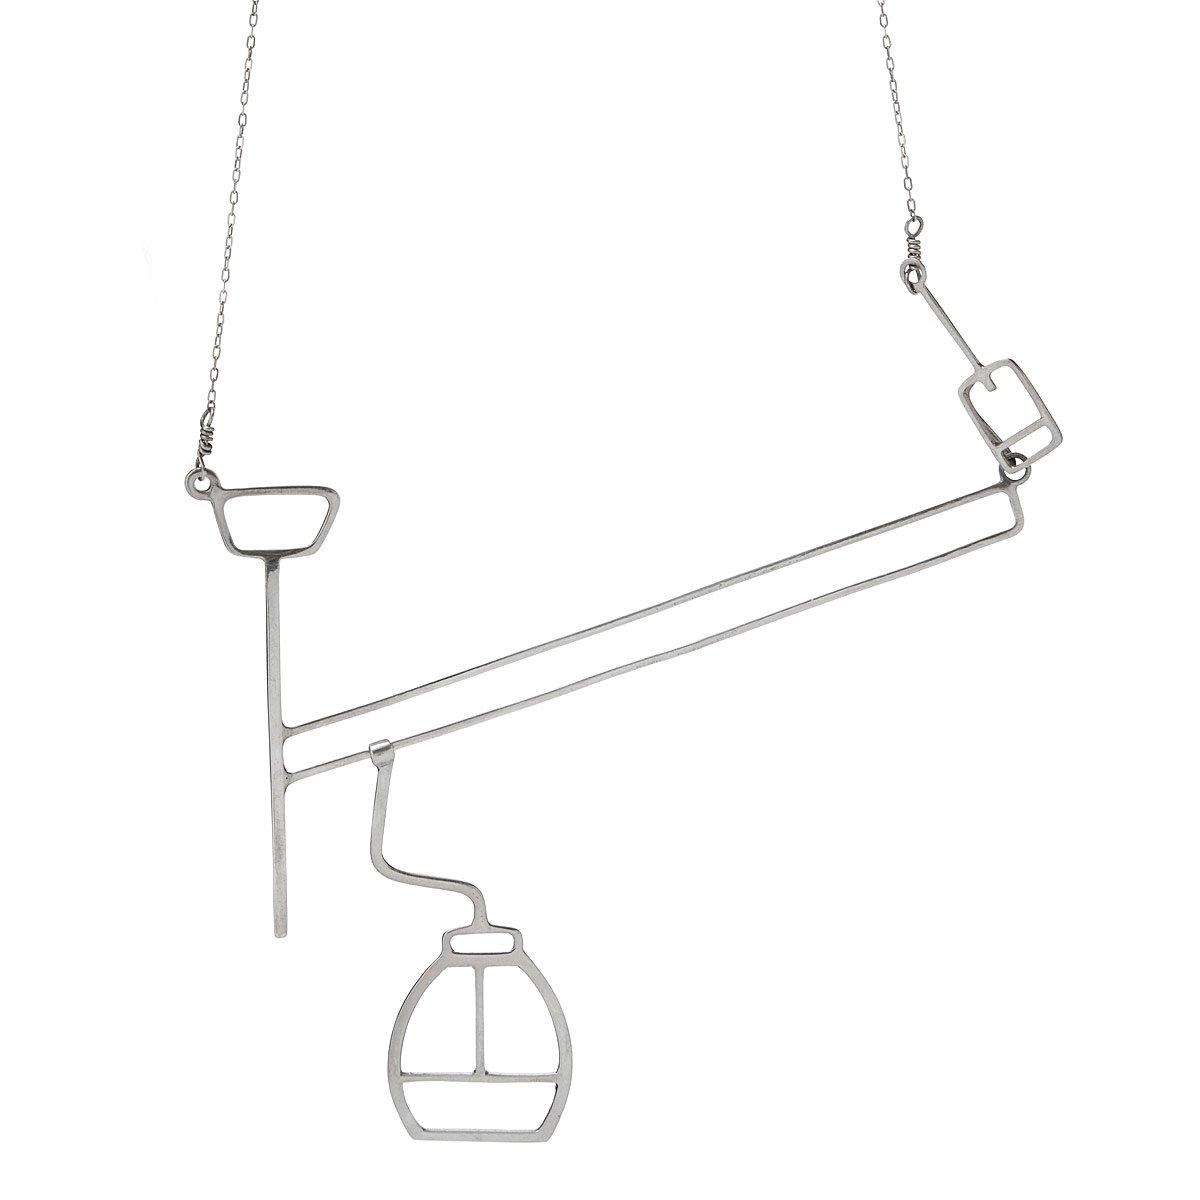 1200x1200 Gliding Gondola Necklace Kinetic Jewelry Uncommongoods